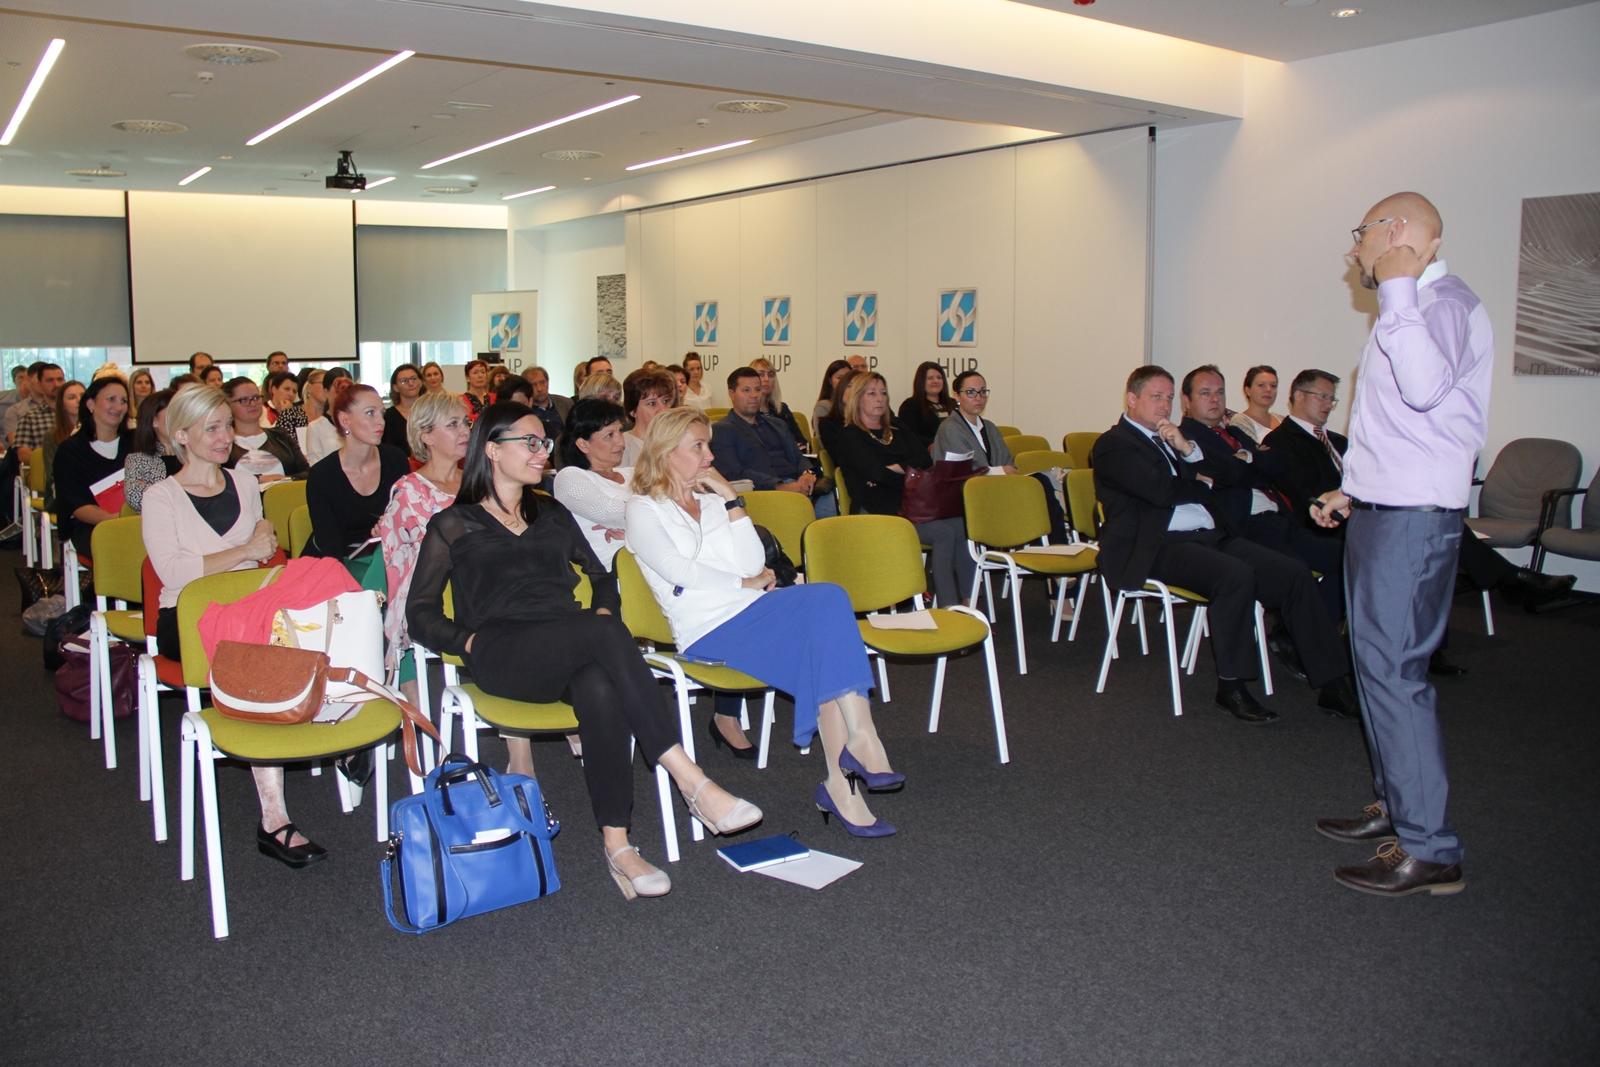 Održana radionica na temu upravljanja apsentizmom u HUP-u u Zagrebu